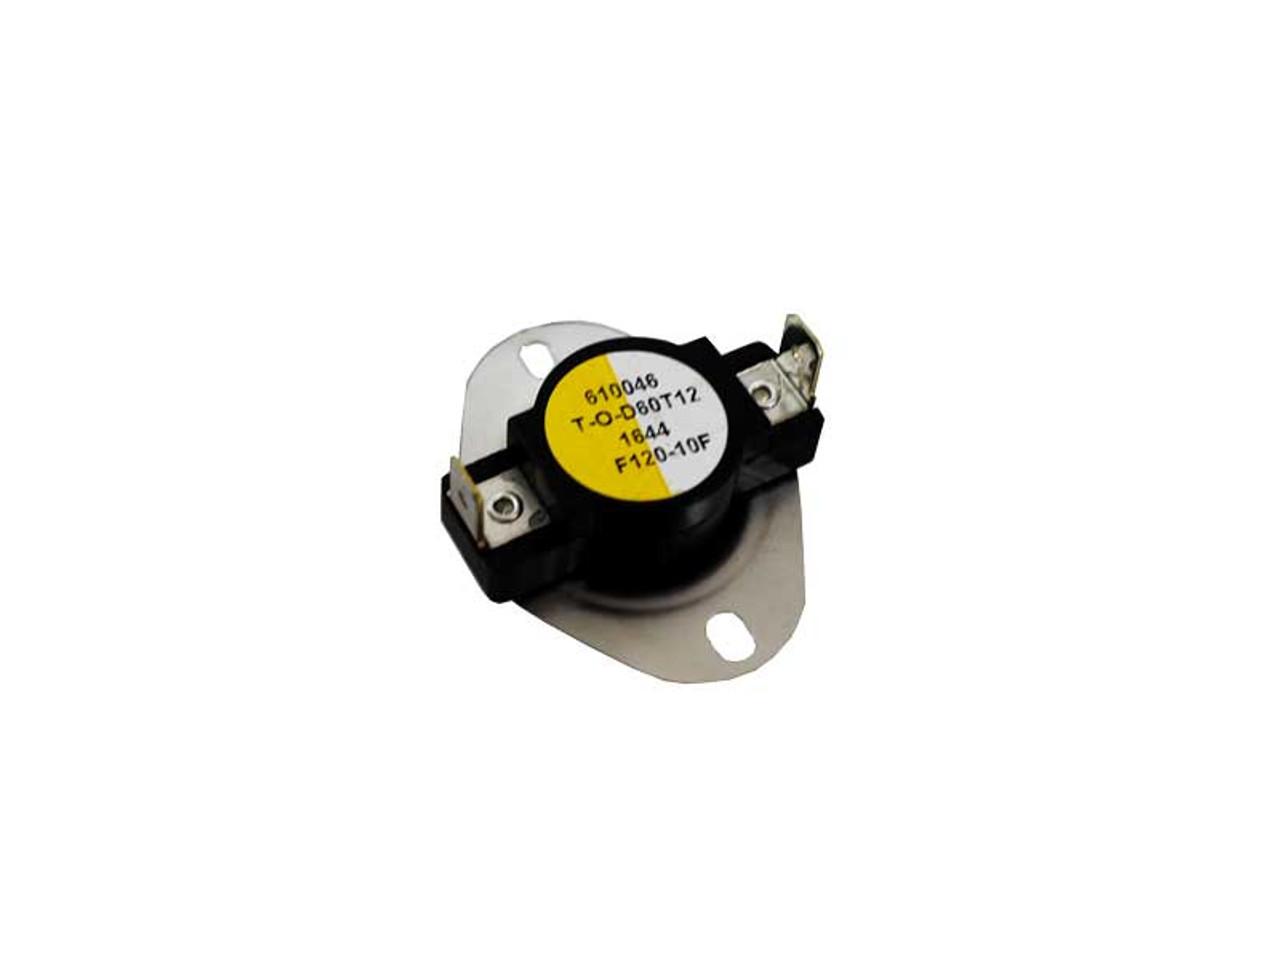 Low Limit Fan Switch - Snap Disc 120 (13-1122)